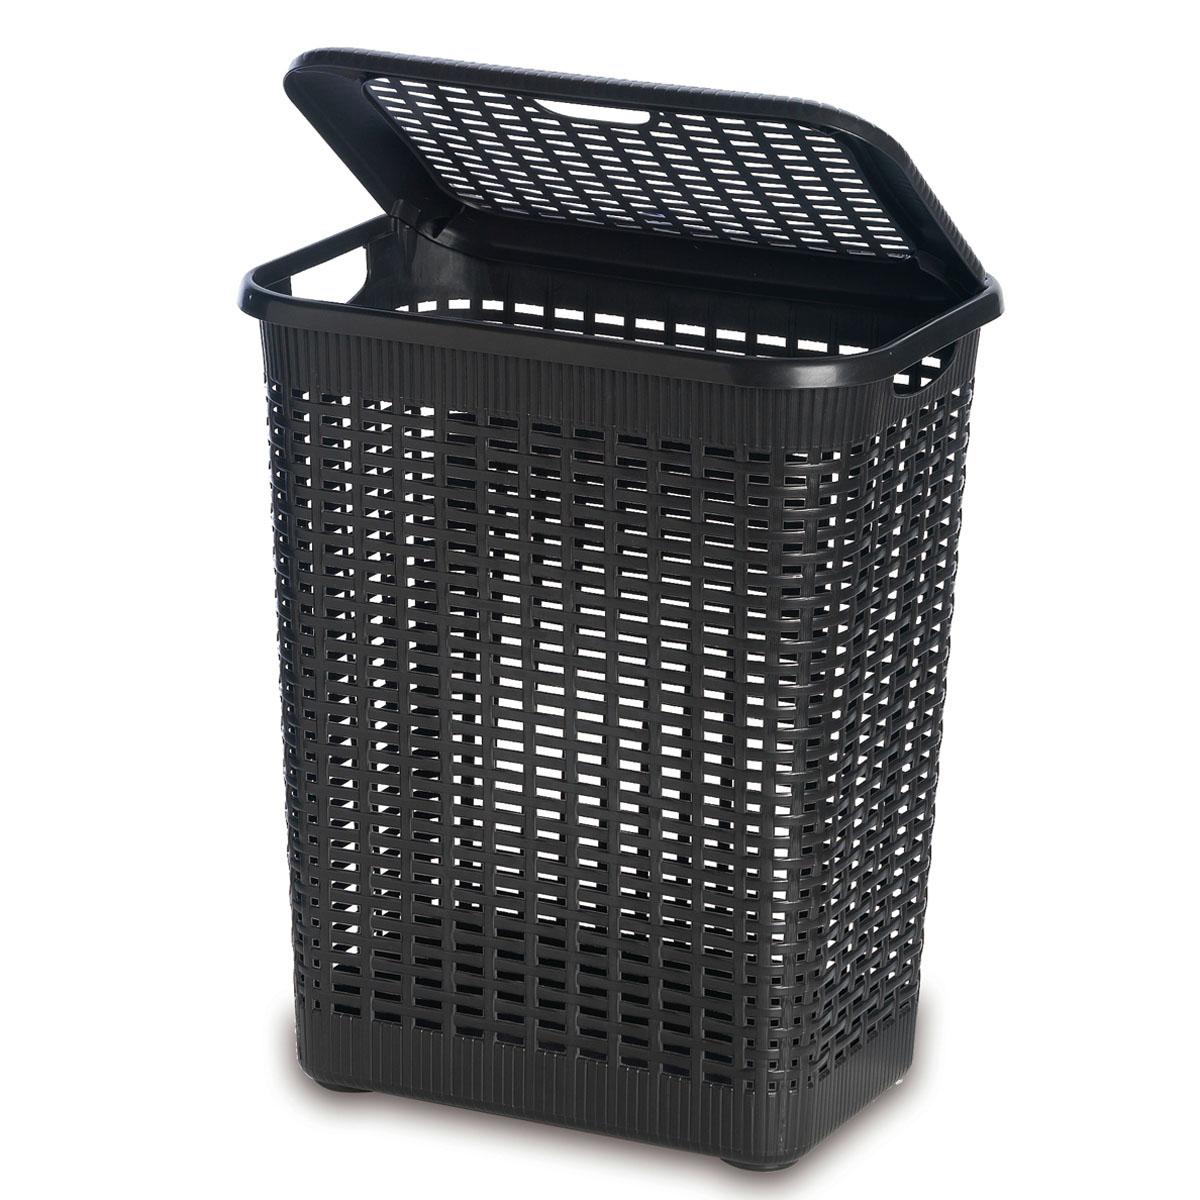 Корзина хозяйственная Rattan, 50 л, цвет: темно-коричневыйRG-D31SПрямоугольная корзина Rattan изготовлена из прочного пластика темно-коричневого цвета. Она предназначена для хранения мелочей в ванной, на кухне, даче или гараже. Позволяет хранить мелкие вещи, исключая возможность их потери. Корзина с отверстиями на стенках и крышке в виде плетения и со сплошным дном. Корзина имеет плотно закрывающуюся съемную крышку. Сбоку имеются две ручки для удобной переноски. Характеристики:Материал: пластик. Цвет: темно-коричневый. Объем корзины:50 л. Размер корзины (Ш х Д х В):56 см х 42 см х 29 см. Размер упаковки (Ш х Д х В):56 см х 42 см х 29 см.